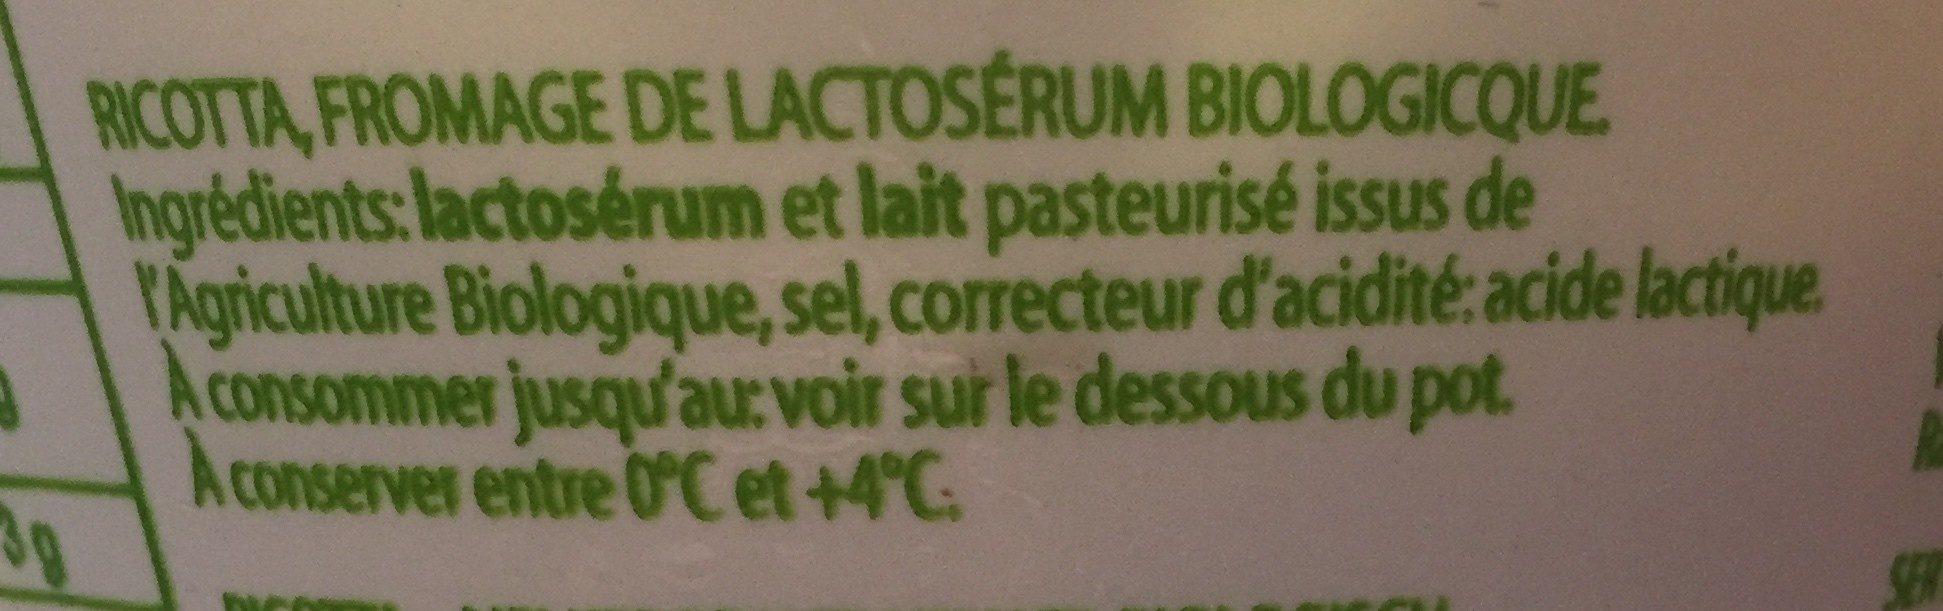 Ricotta bio - Ingredients - fr